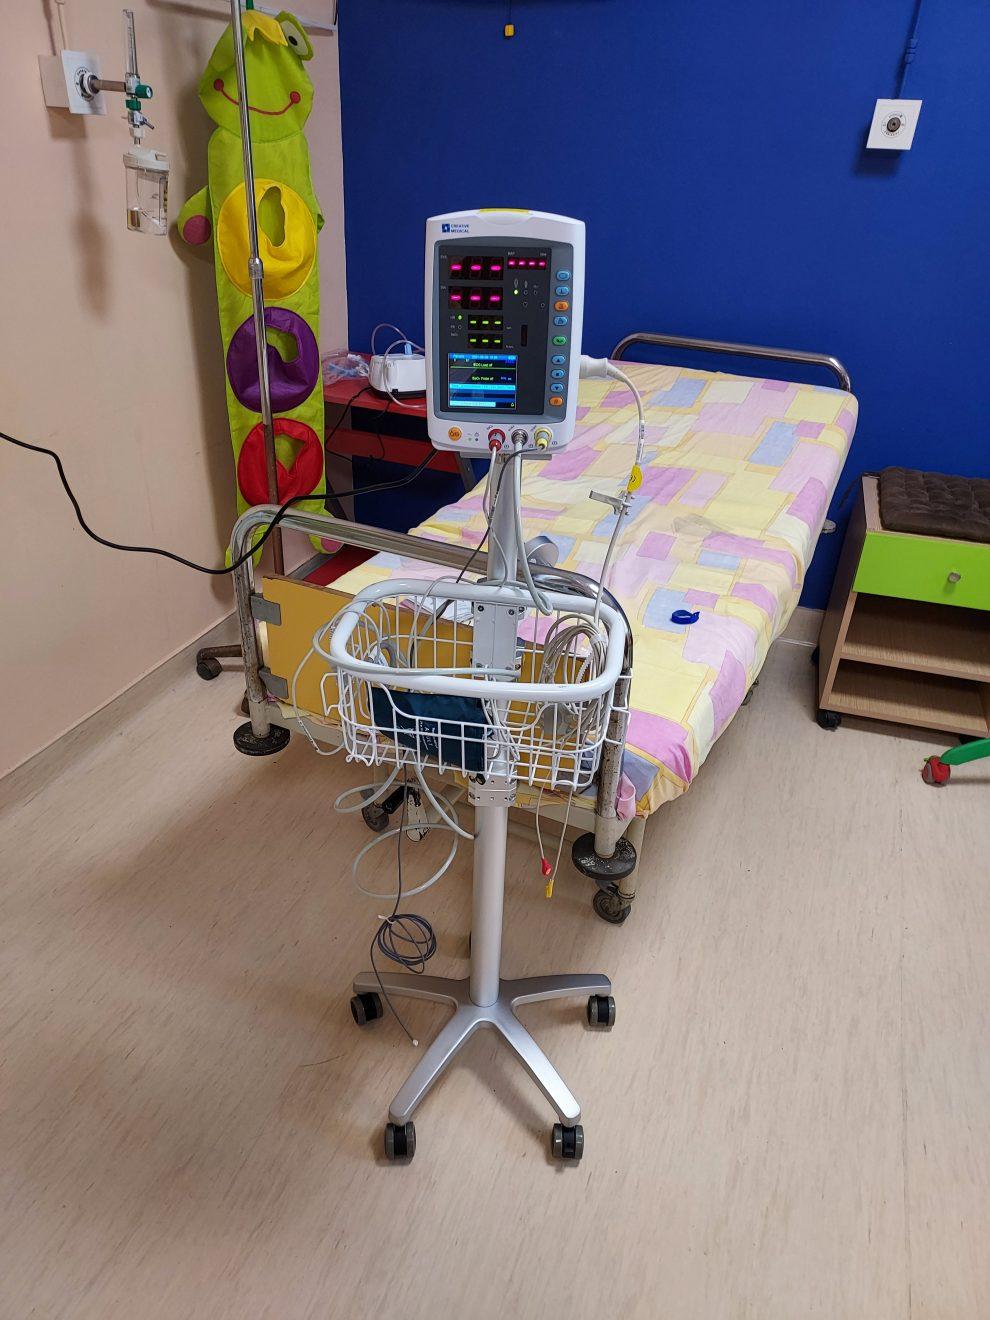 Νοσηλευτική Μονάδα Κυπαρισσίας: Σημαντικές δωρεές αναδεικνύουν την αναγνώριση των υπηρεσιών της